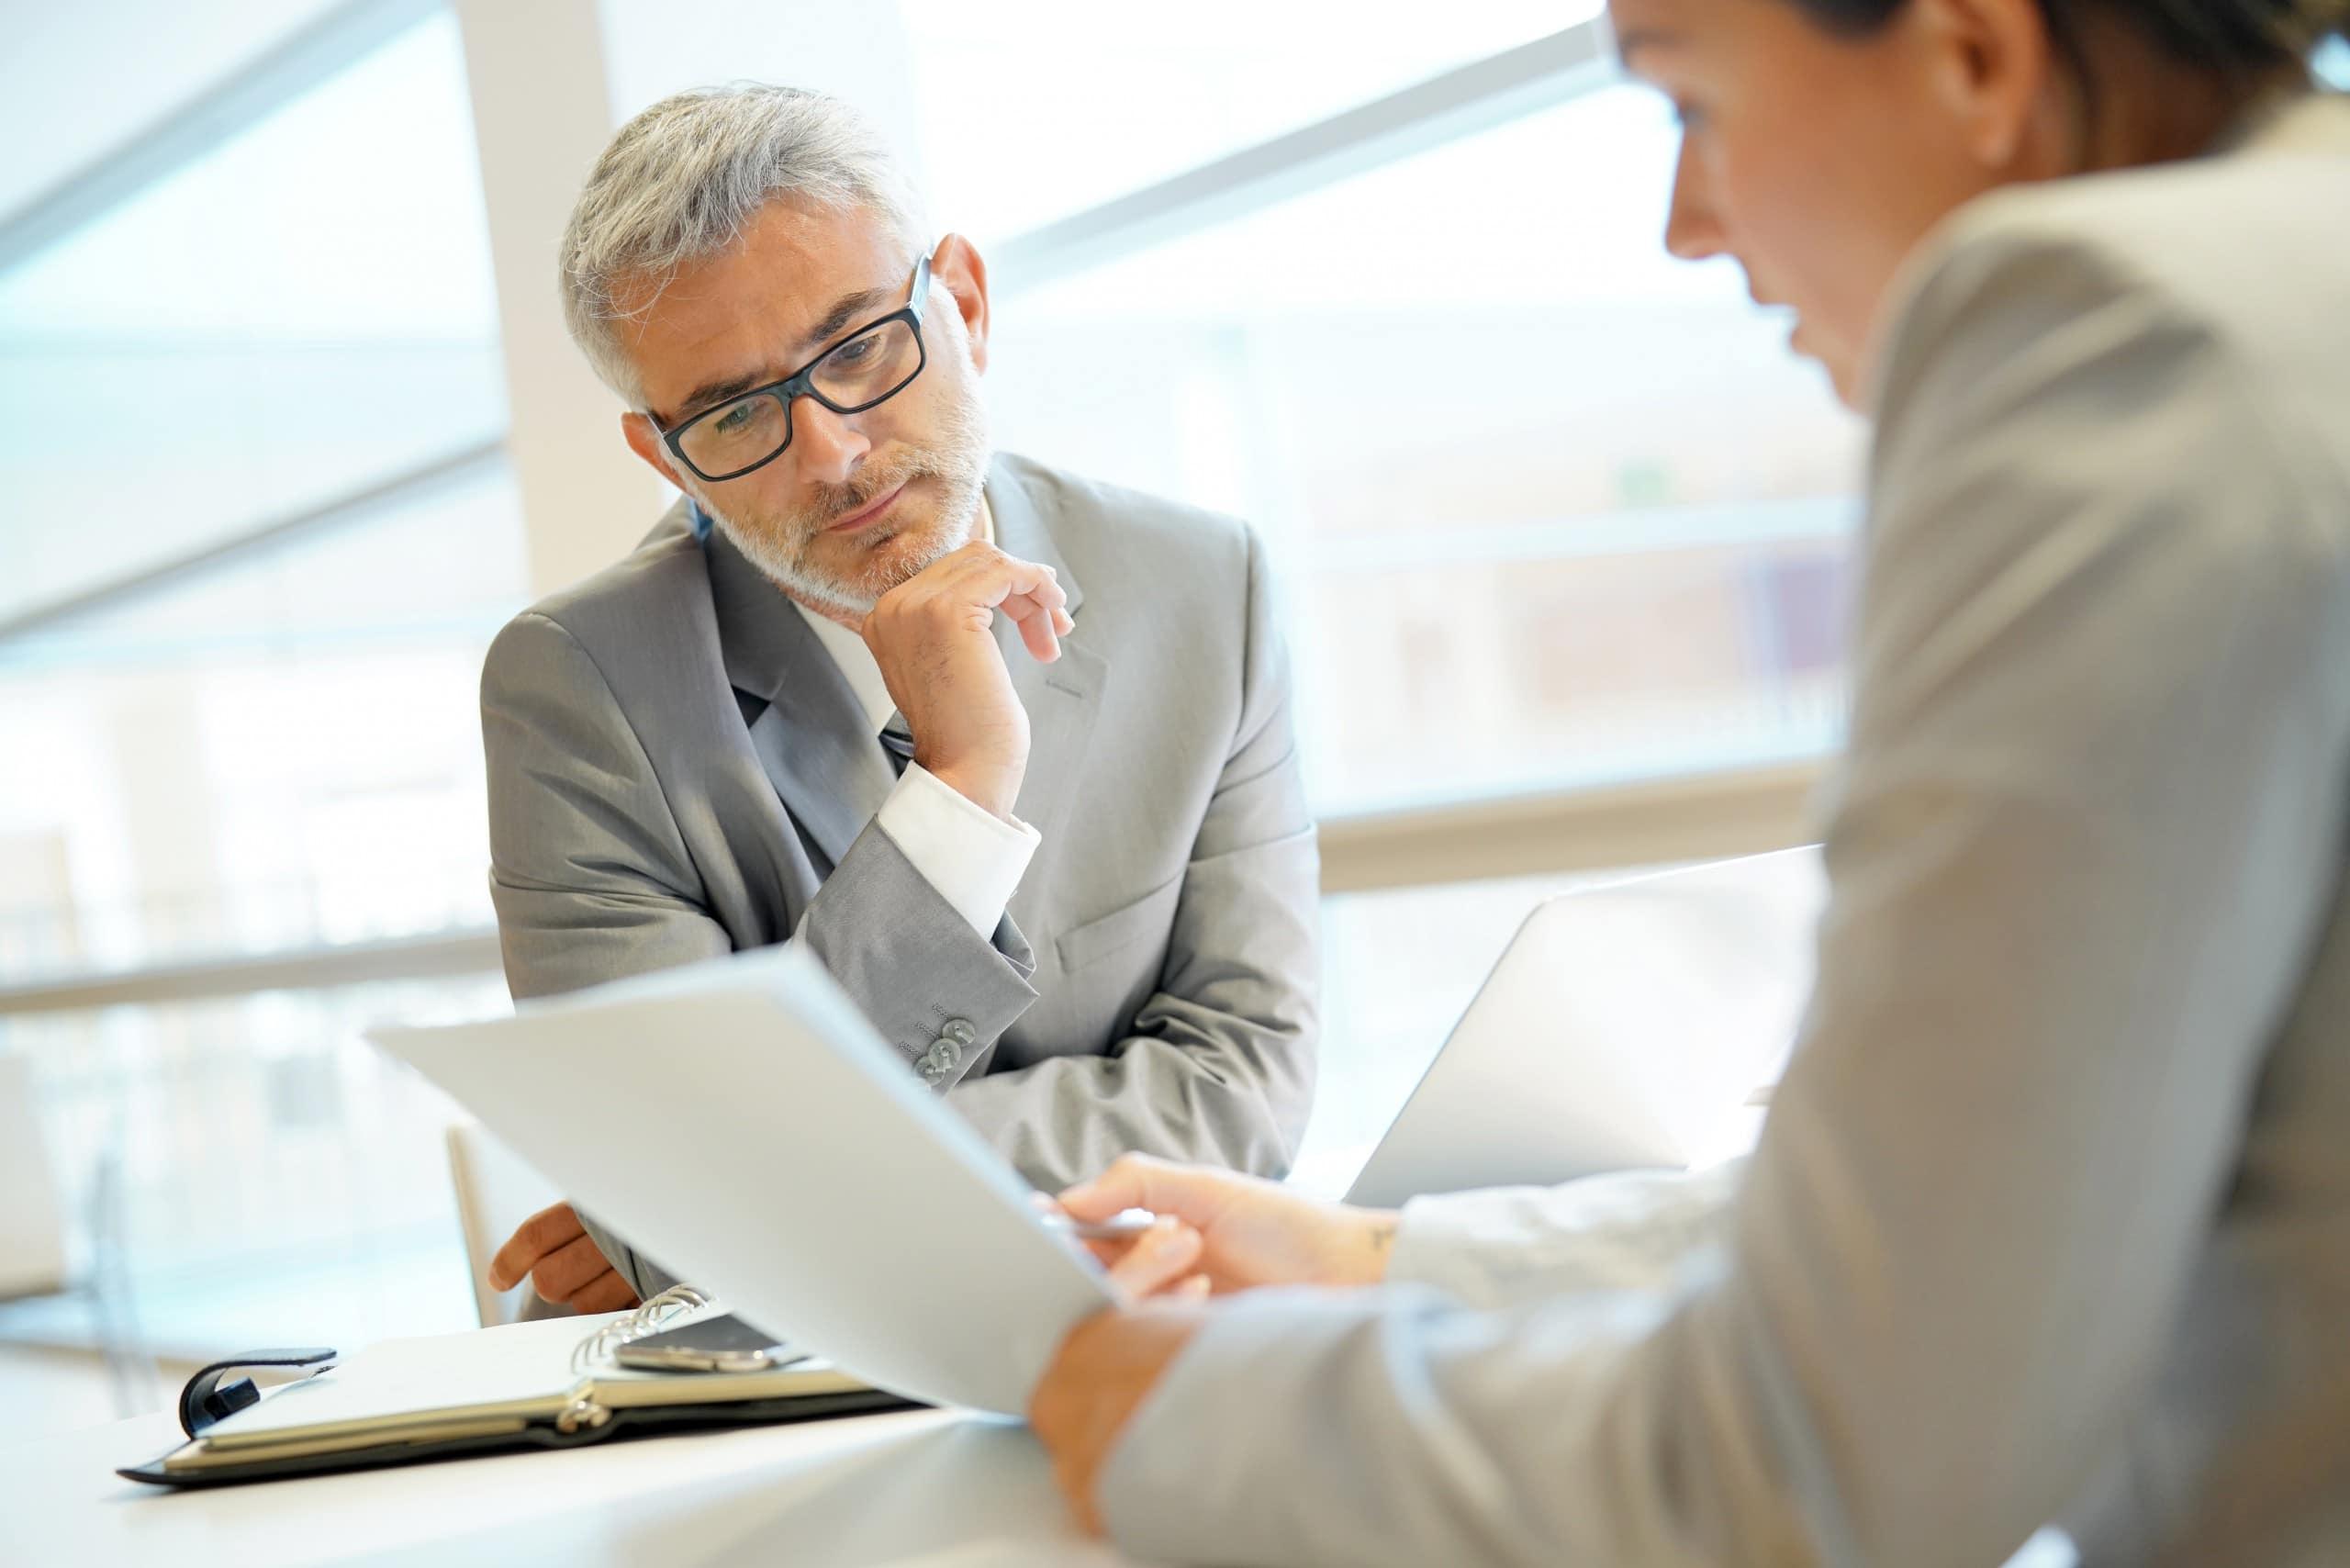 Steuerberatung Riem Mann und Frau reden an Schreibtisch